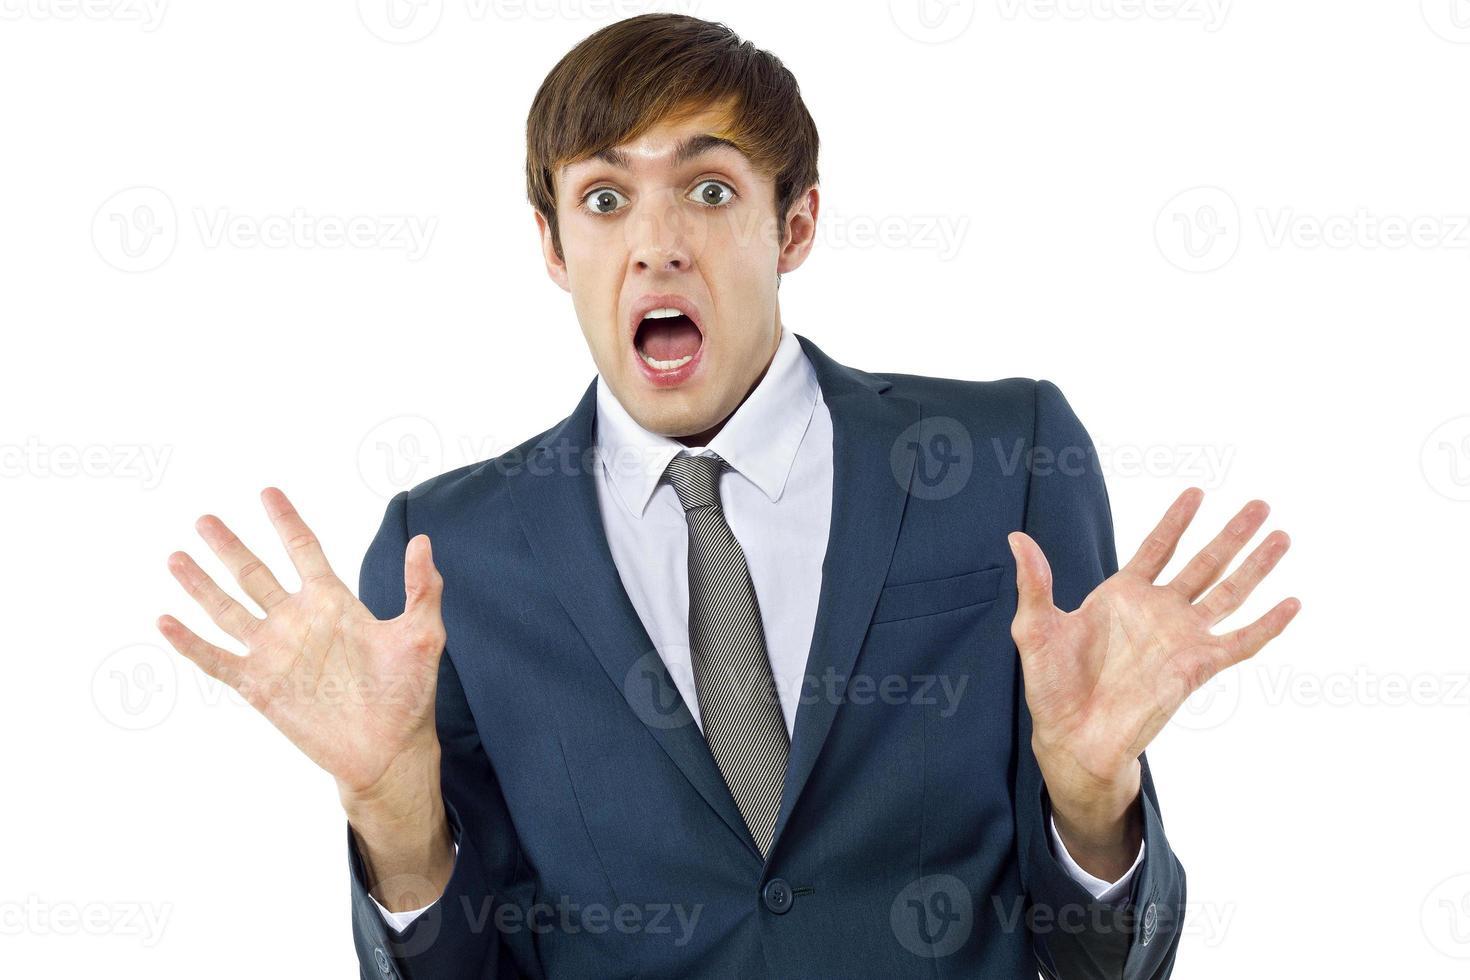 spottende gebaar van een blanke zakenman op een witte achtergrond foto